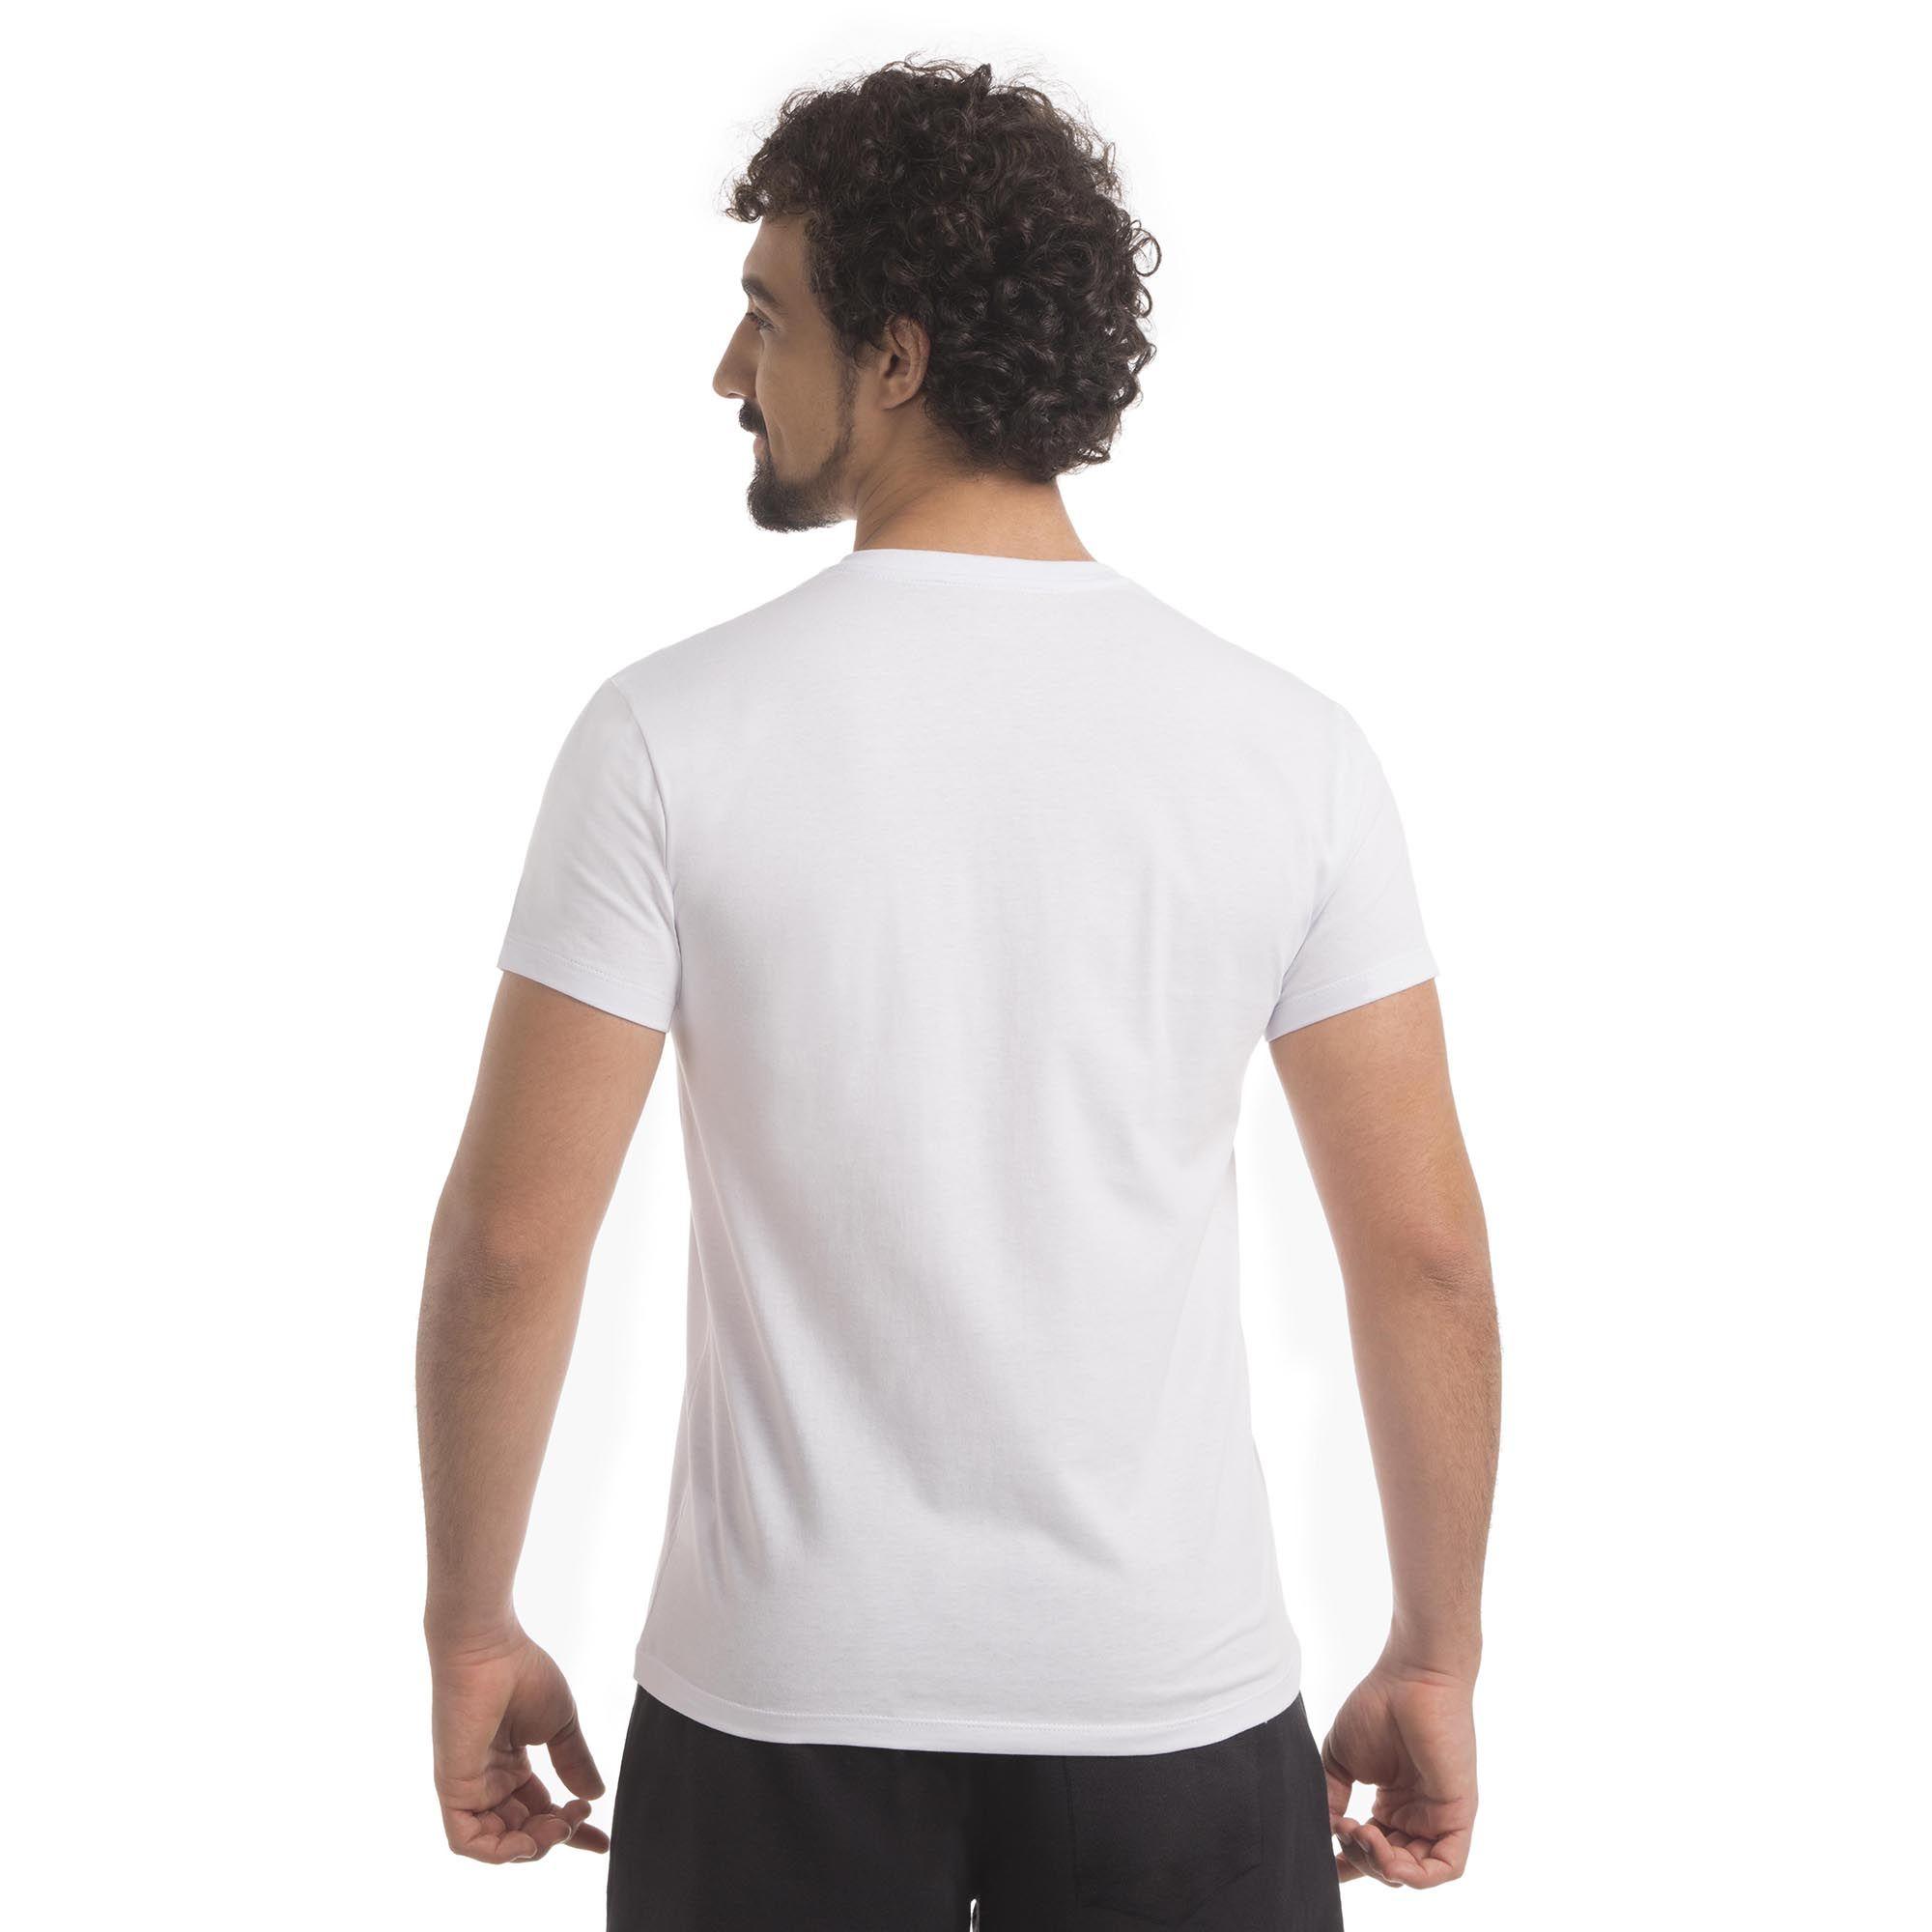 T-Shirt Zaiden Basic T6 Masculina